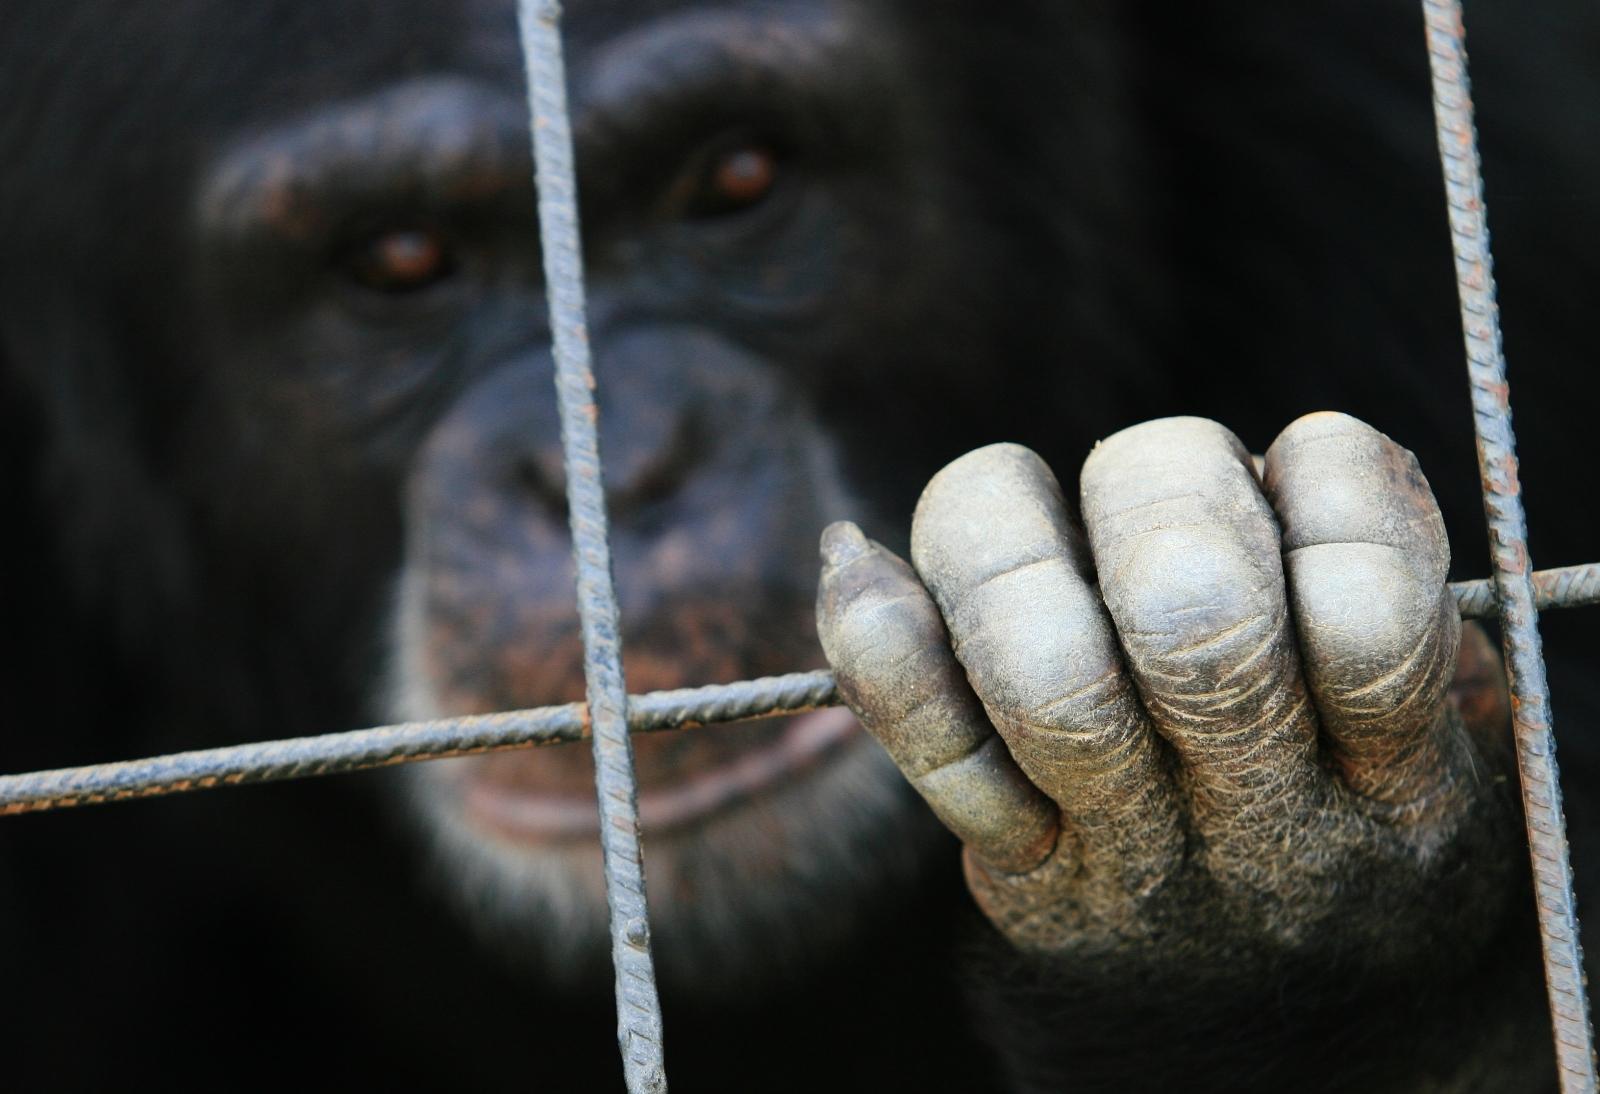 India chimpanzee birthday